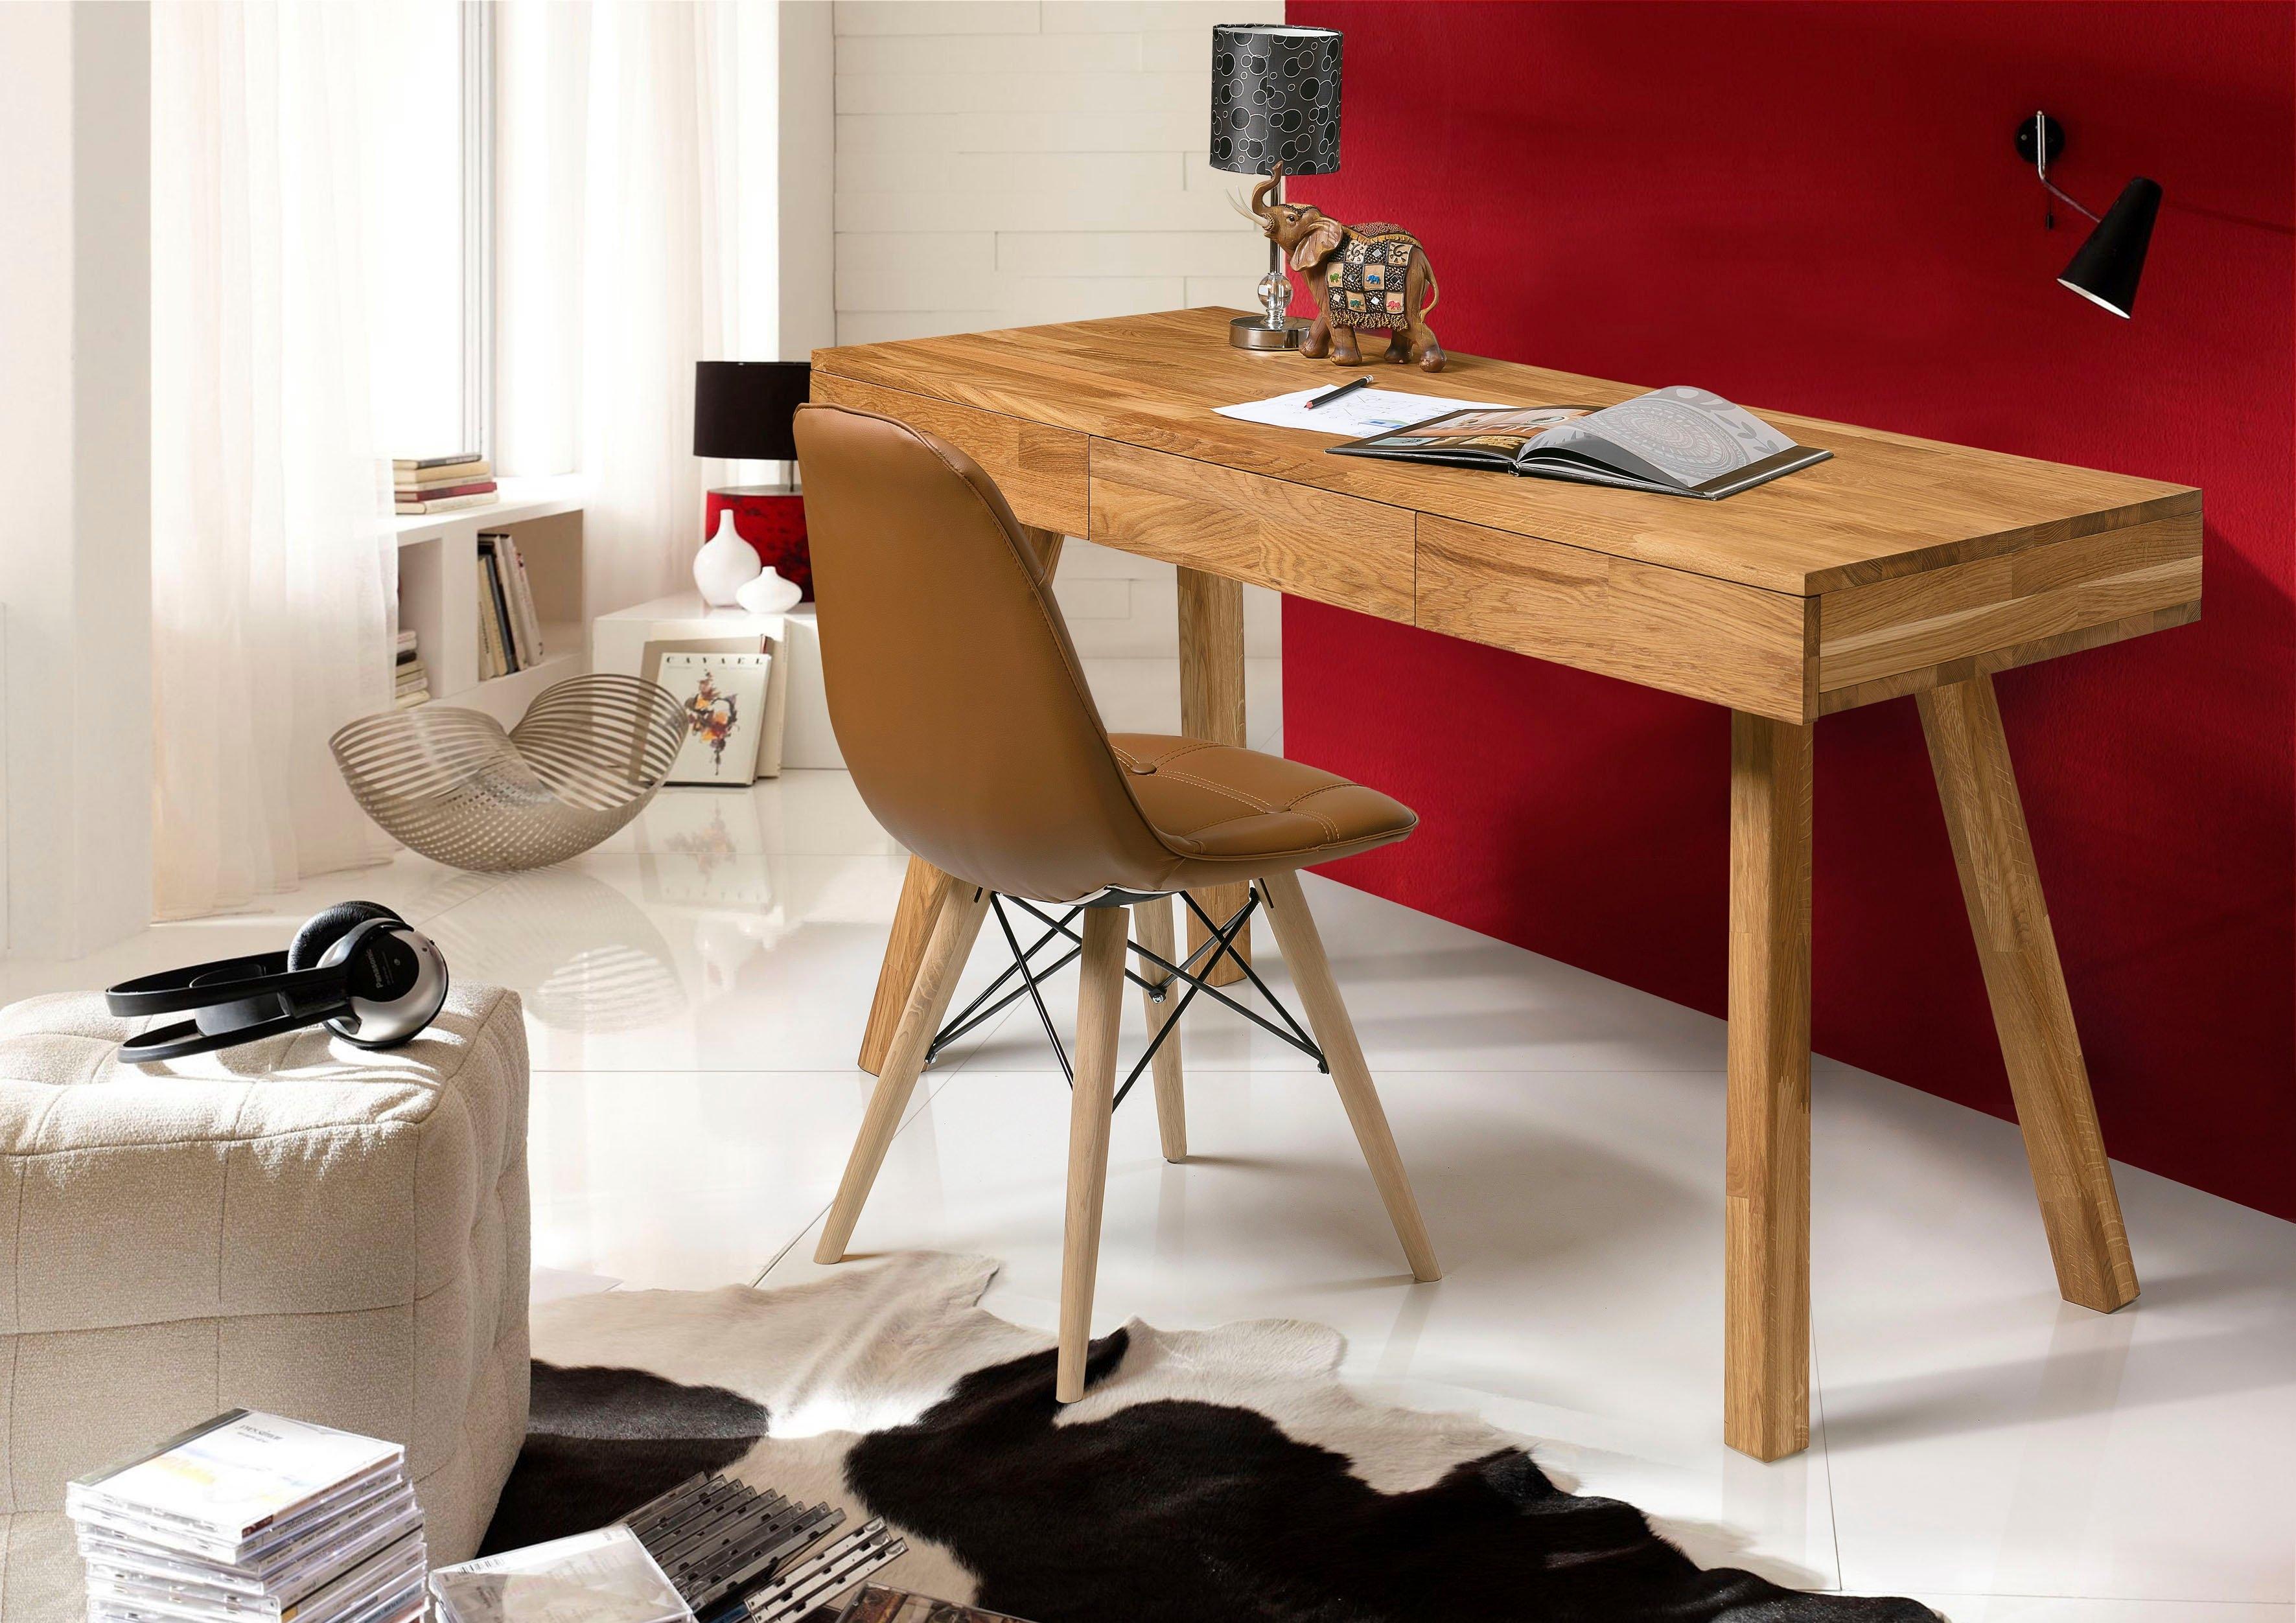 Op zoek naar een andas Bureau Modern van mooi massief eikenhout, 3 laden, rechthoekig tafelmodel? Koop online bij OTTO